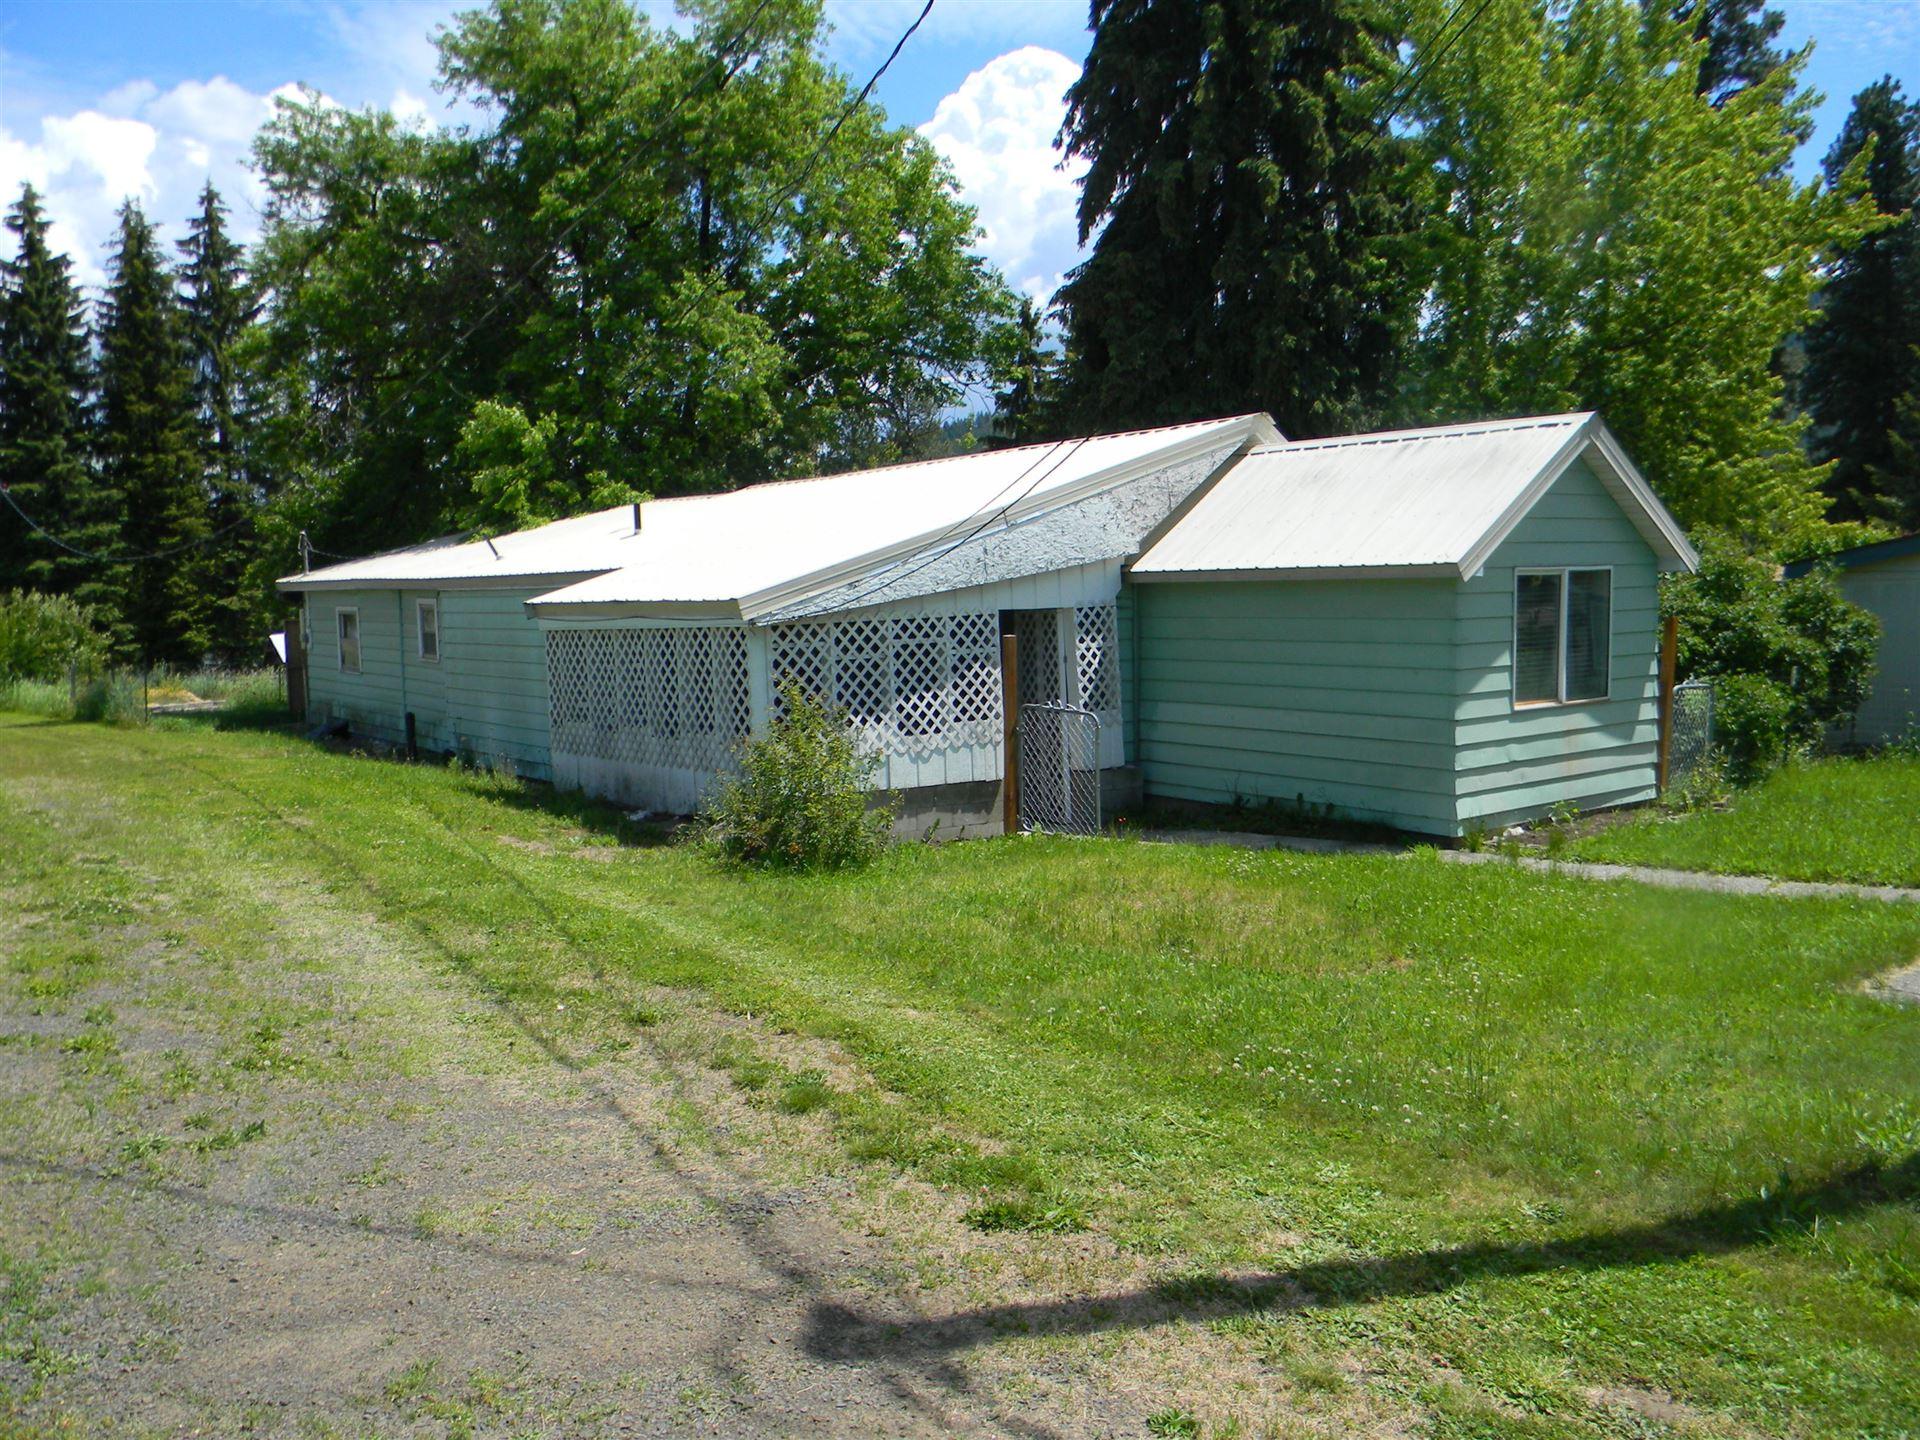 Photo of 158 5th St., Plummer, ID 83851 (MLS # 20-6392)